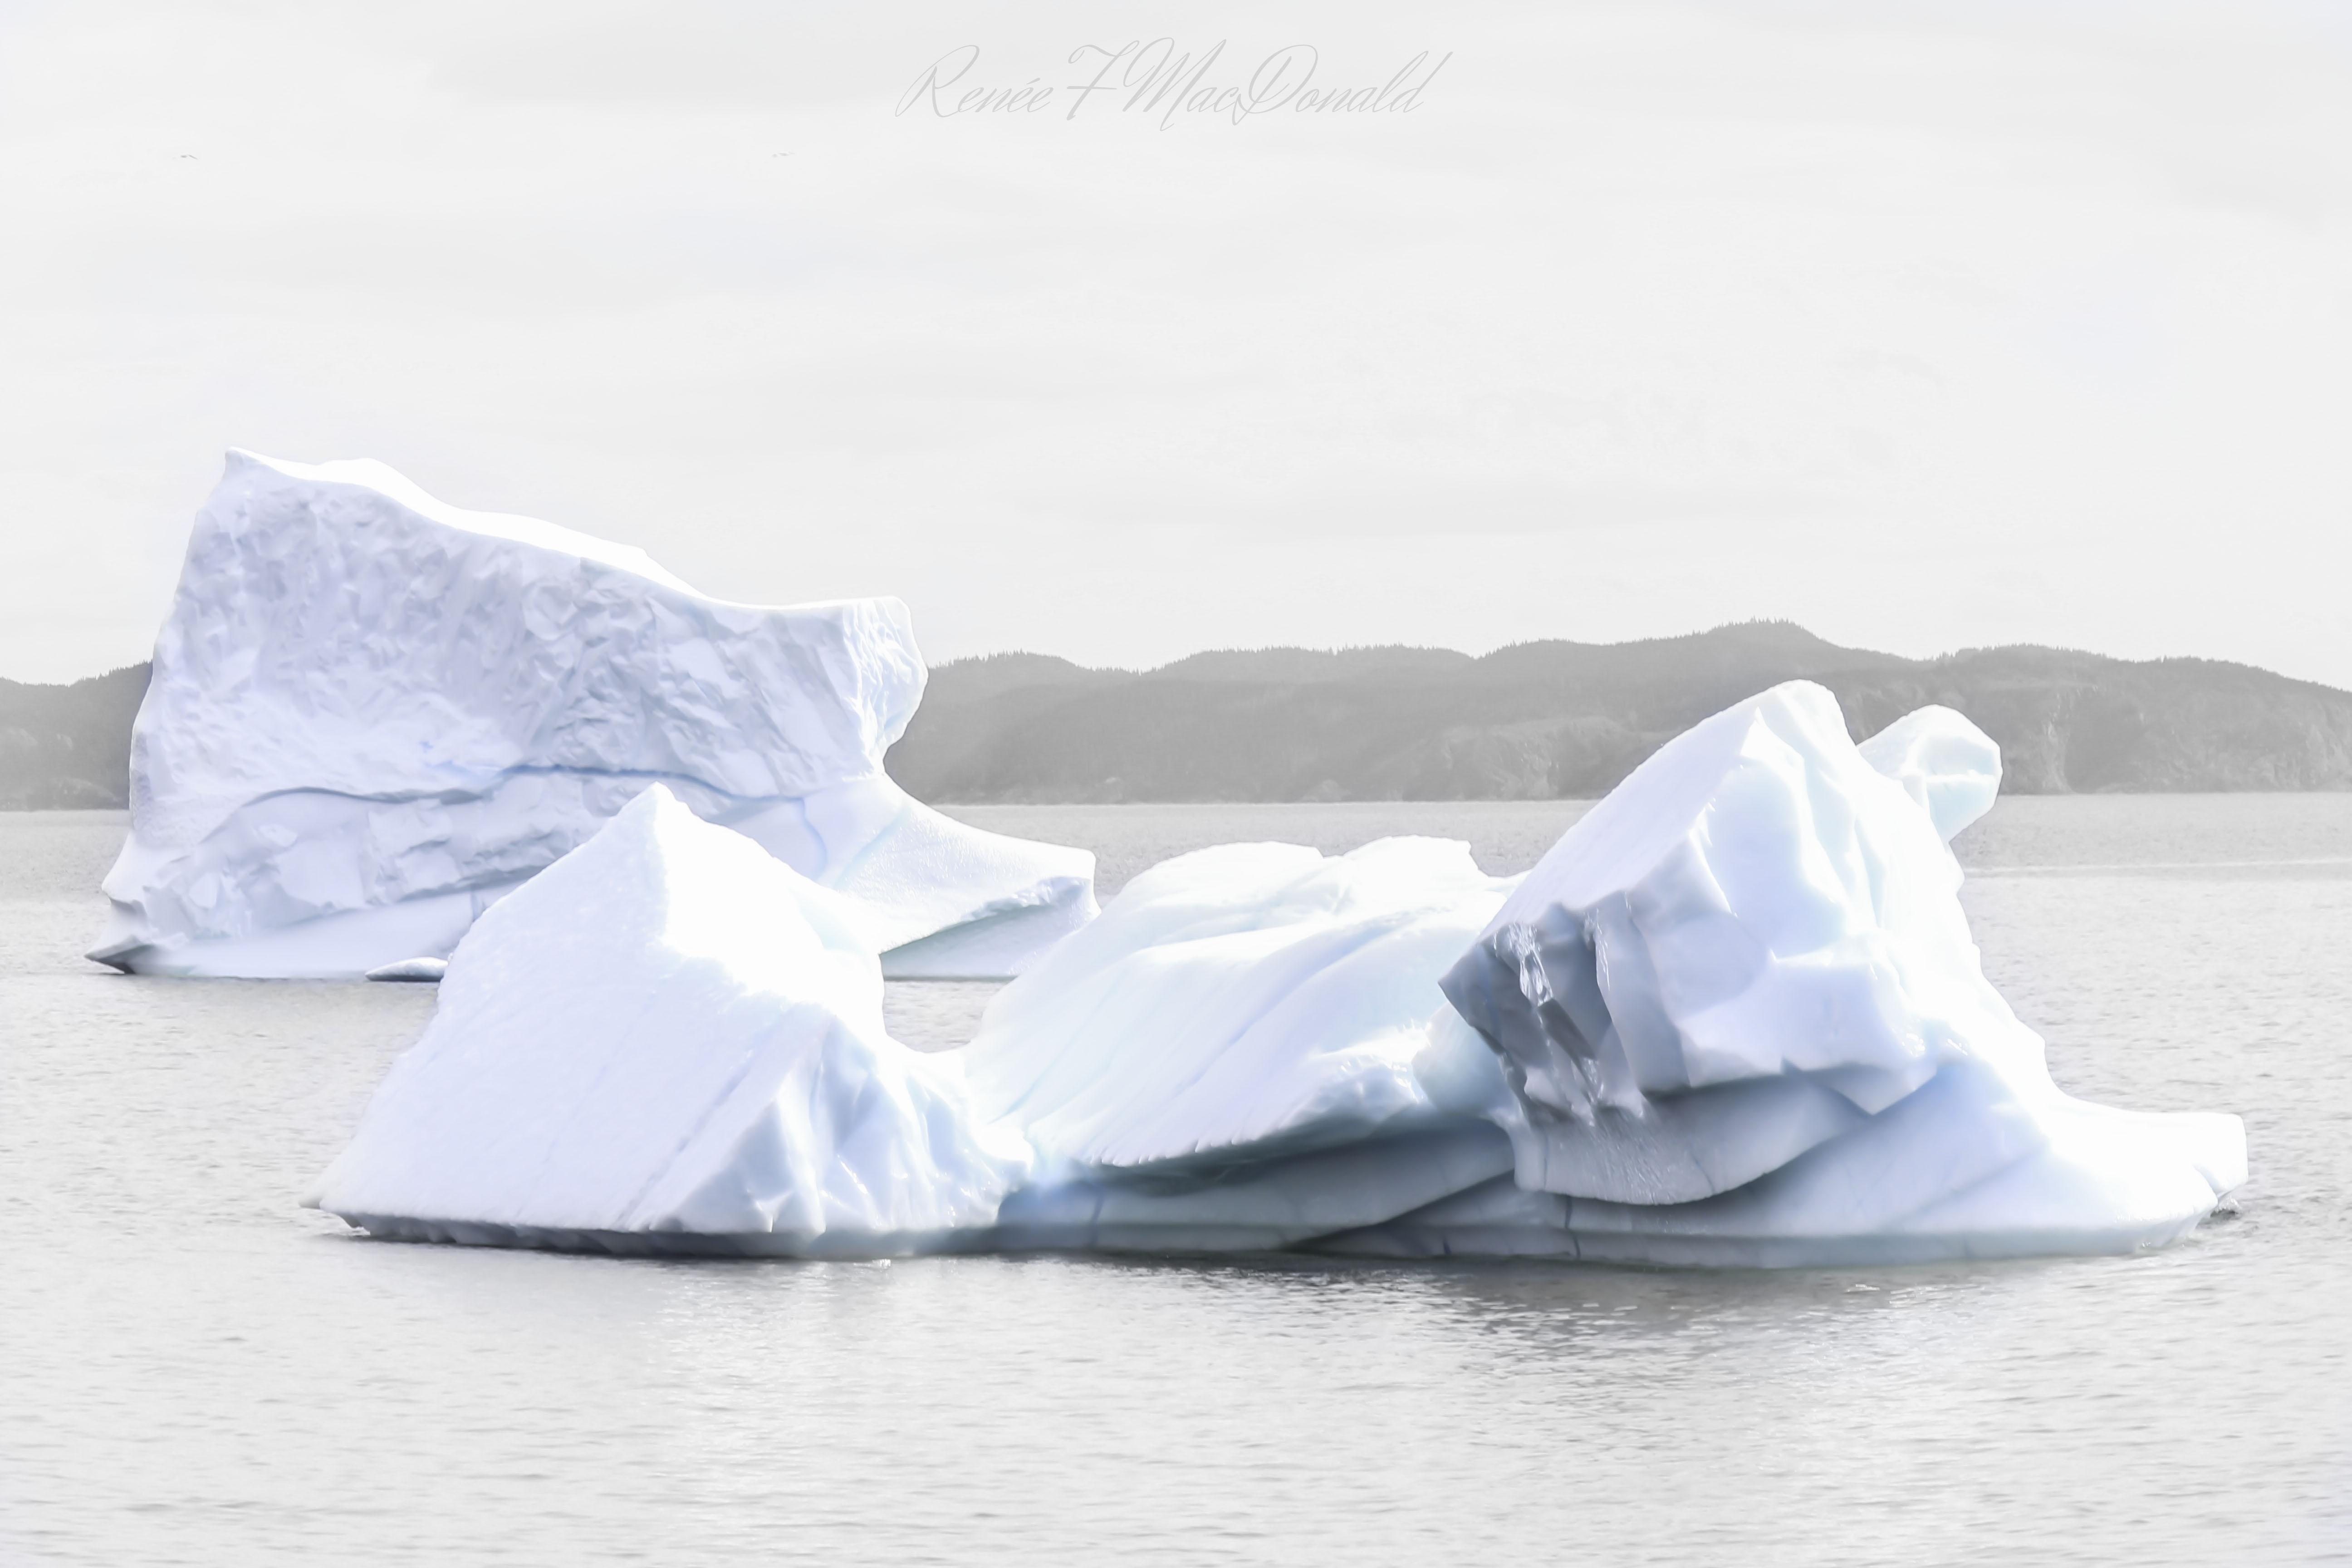 Icebergs_Twillingate